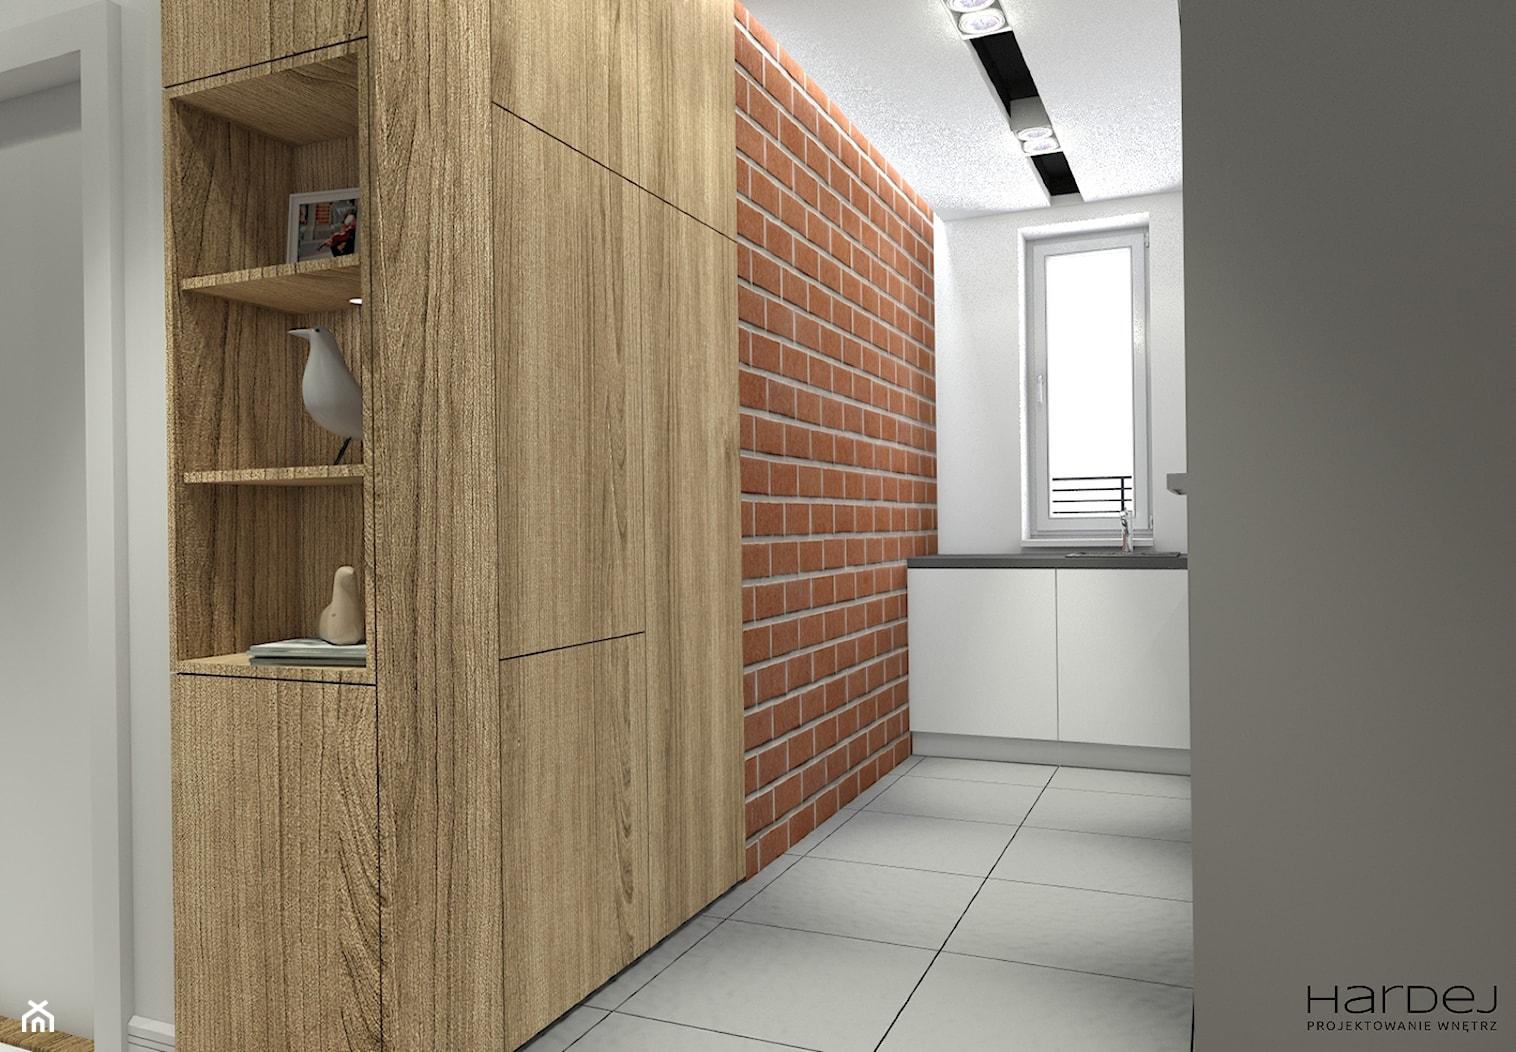 Wąska kuchnia ze ścianą z prawdziwej rozbiórkowej cegły lodówka i spiżarka w zabudowie na wymiar przechodzącej w zabudowę w holu - zdjęcie od Monika Hardej Architekt - Homebook